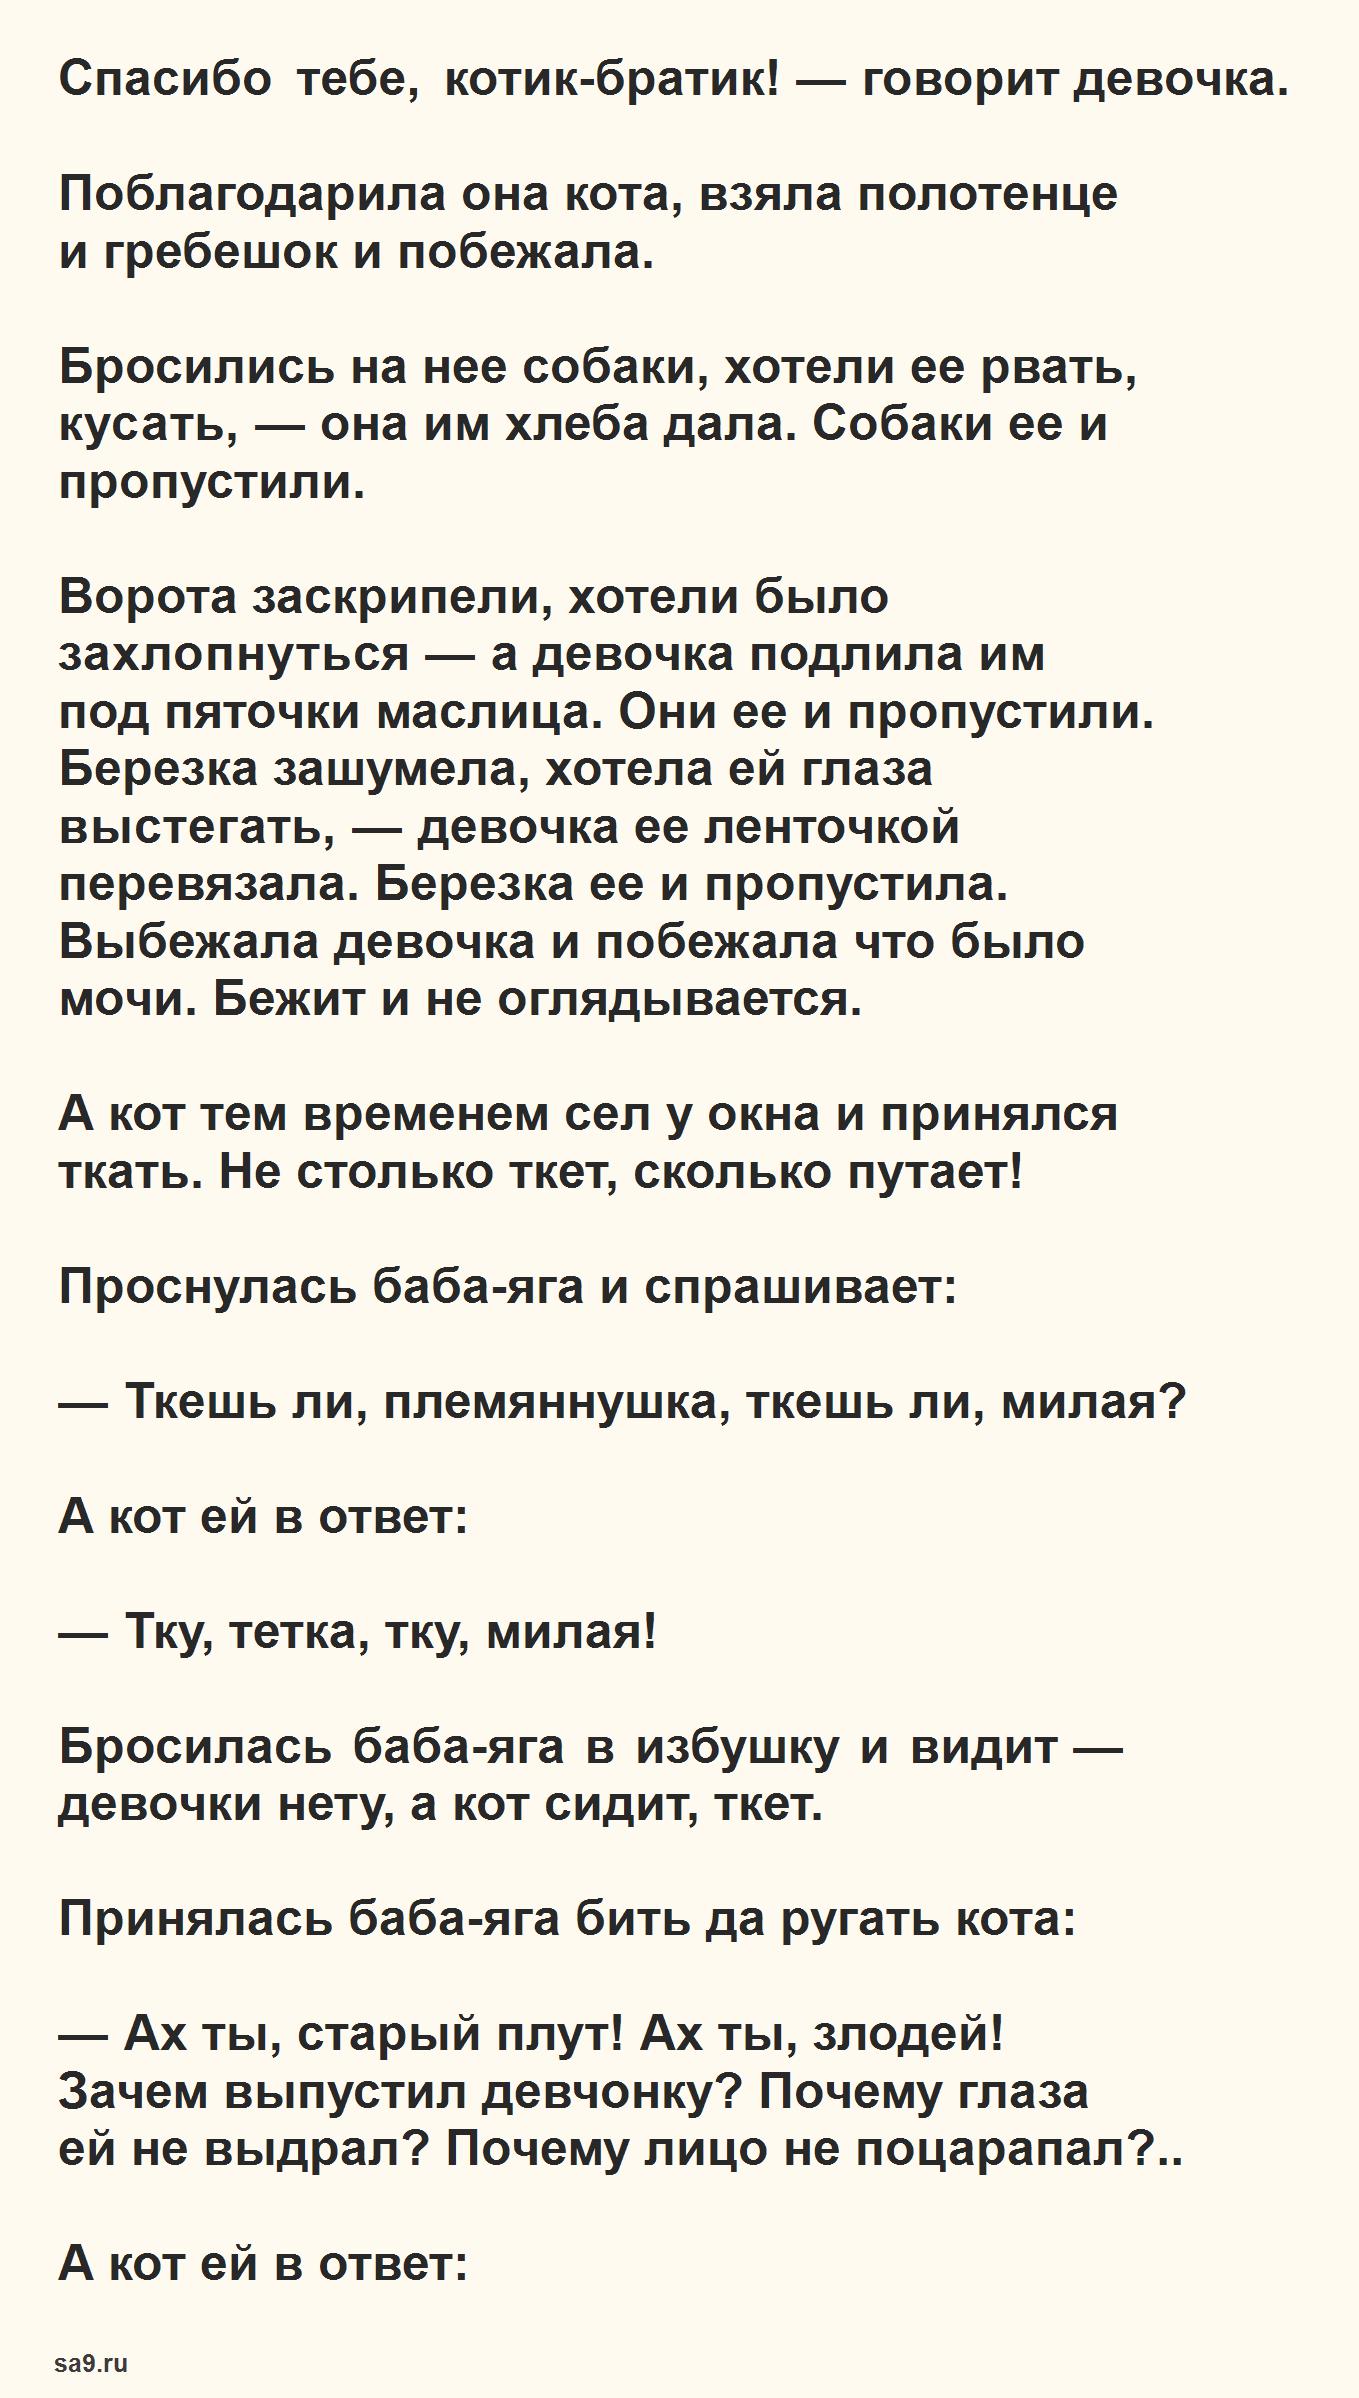 Читать русскую народную сказку - Баба-яга, для детей